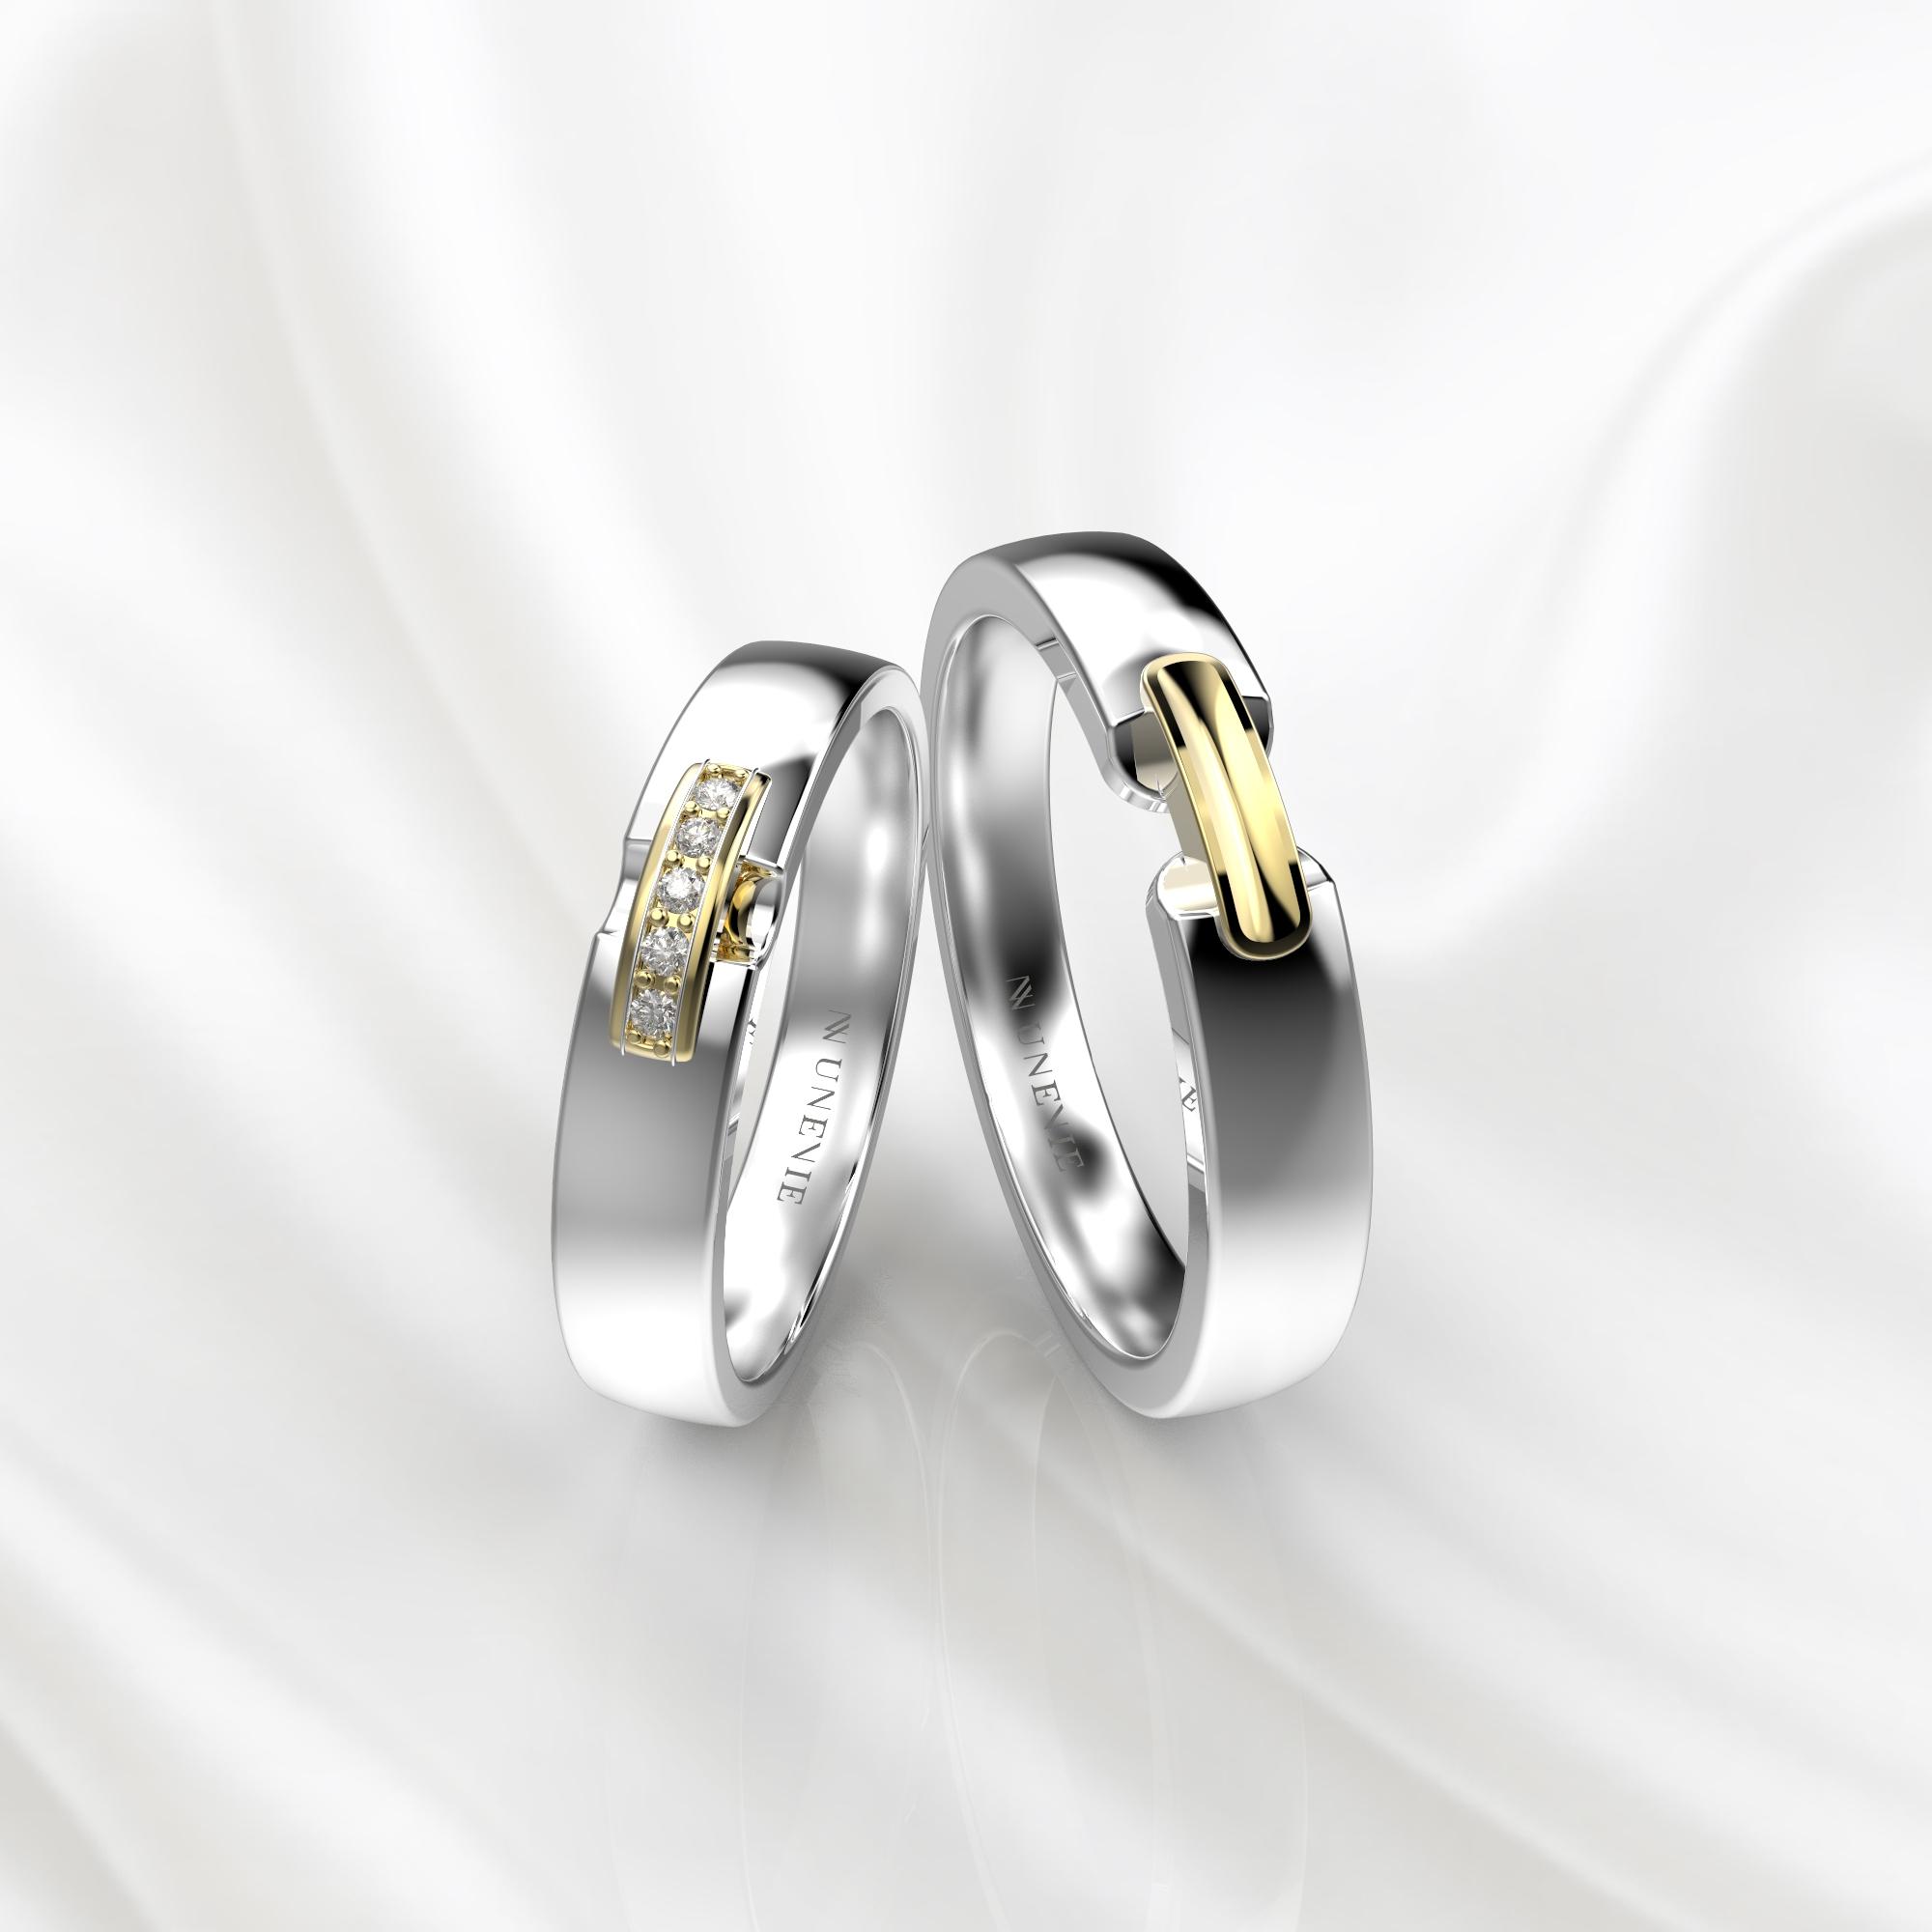 NV65 Парные обручальные кольца из  бело-желтого золота с бриллиантами